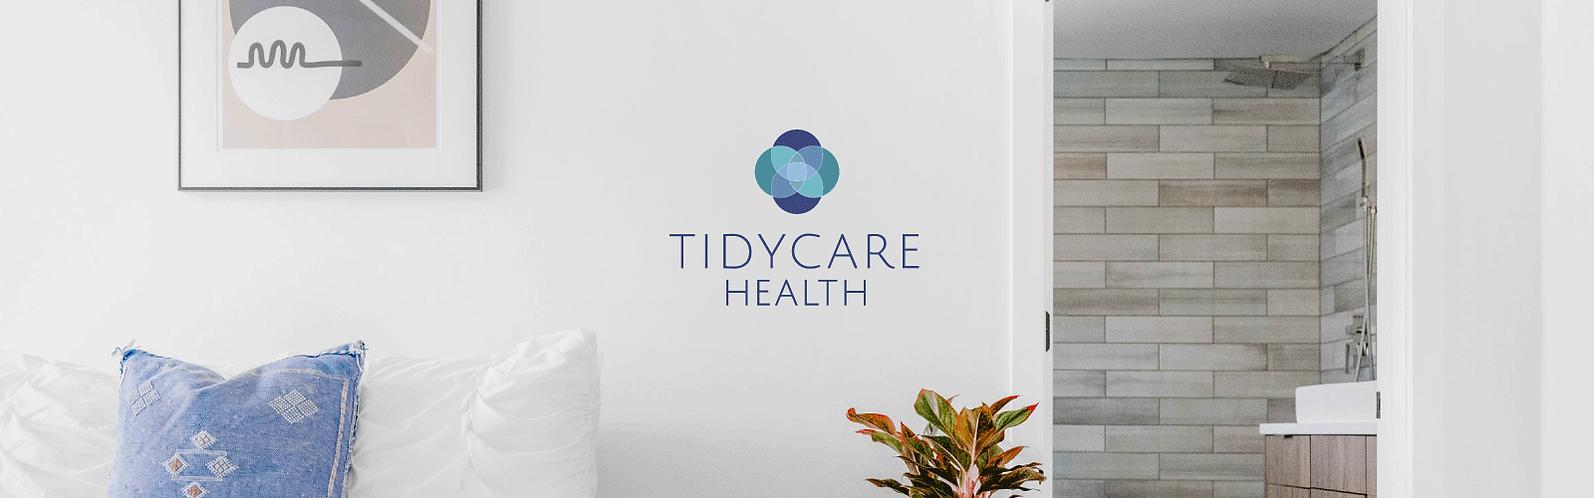 tidycare health design banner